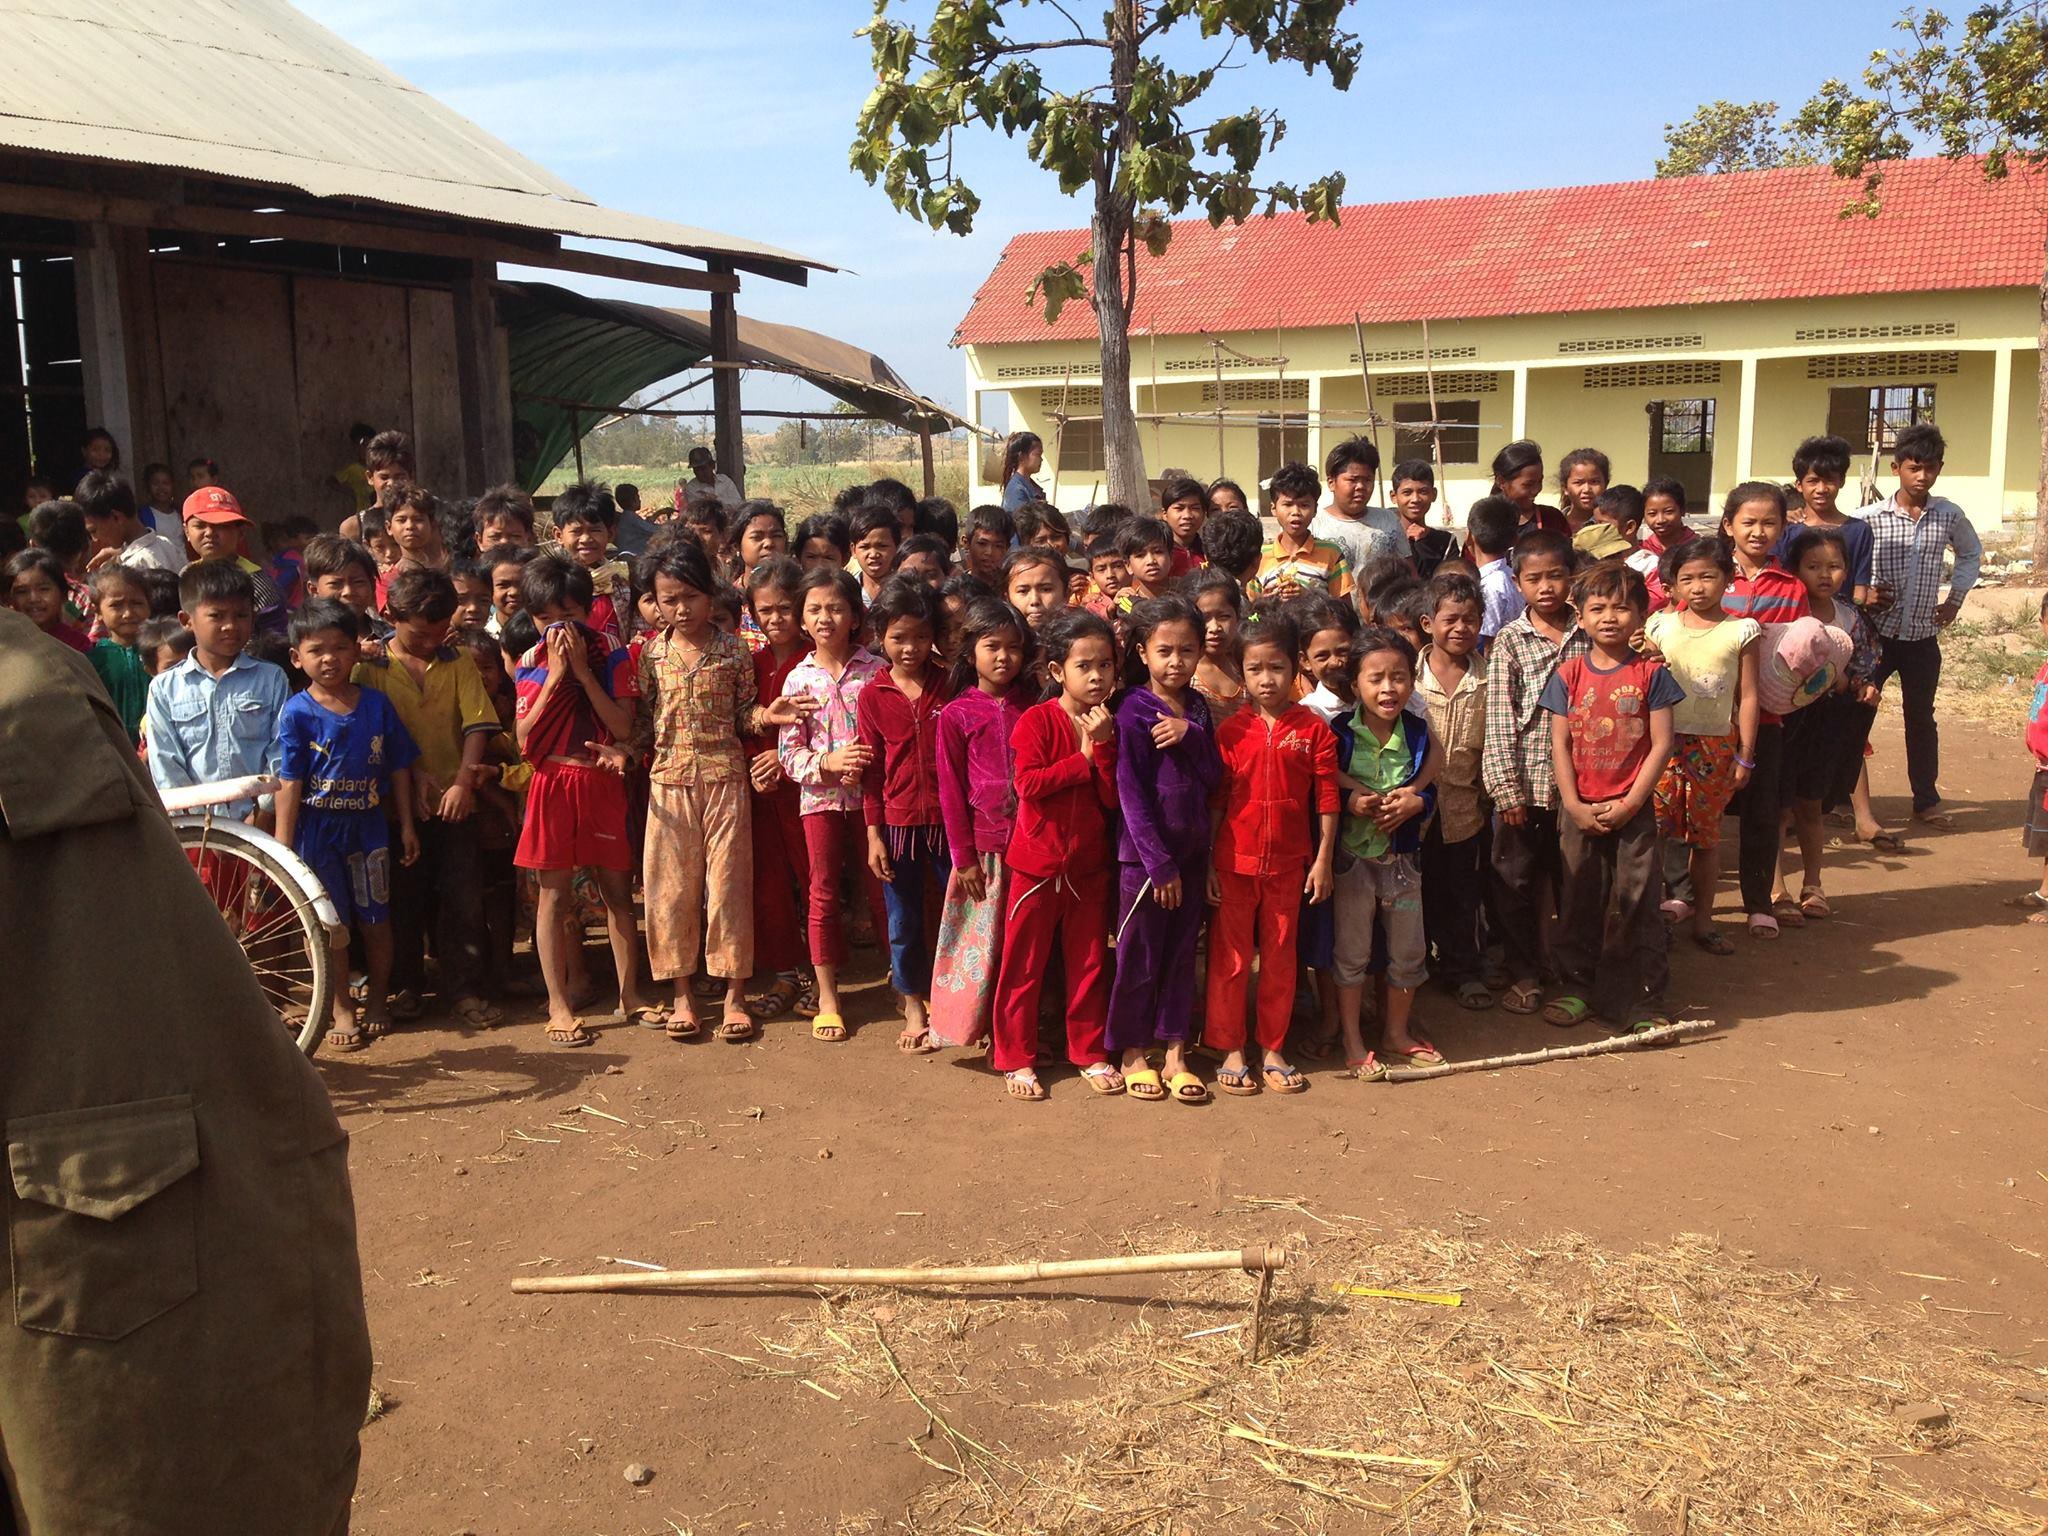 190812-11 La vie rurale (2019 Trip)   Kampong Cham